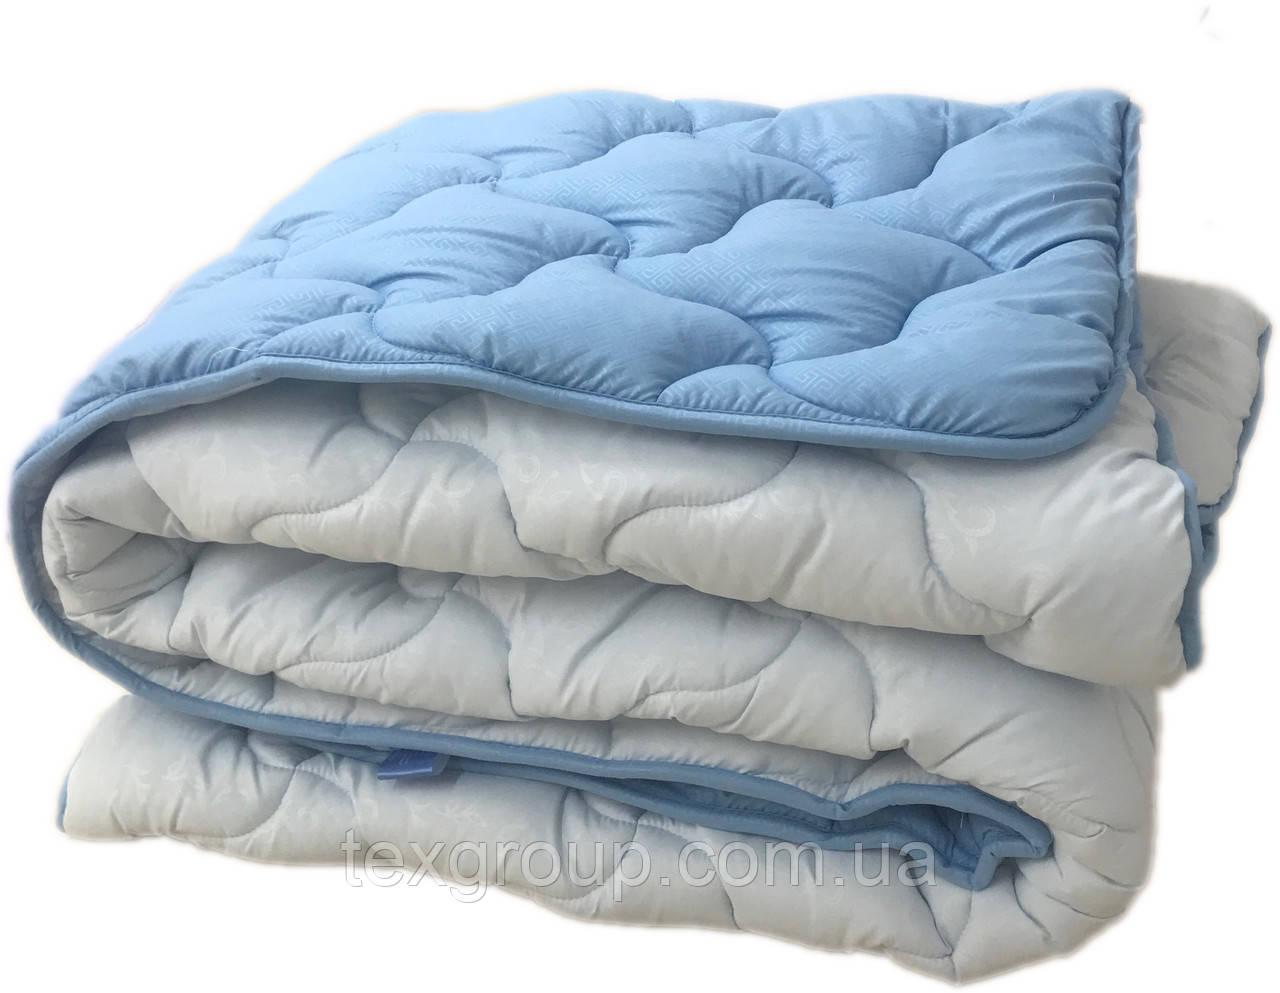 Одеяло полуторное зимнее 155х210 холлофайбер ОДА